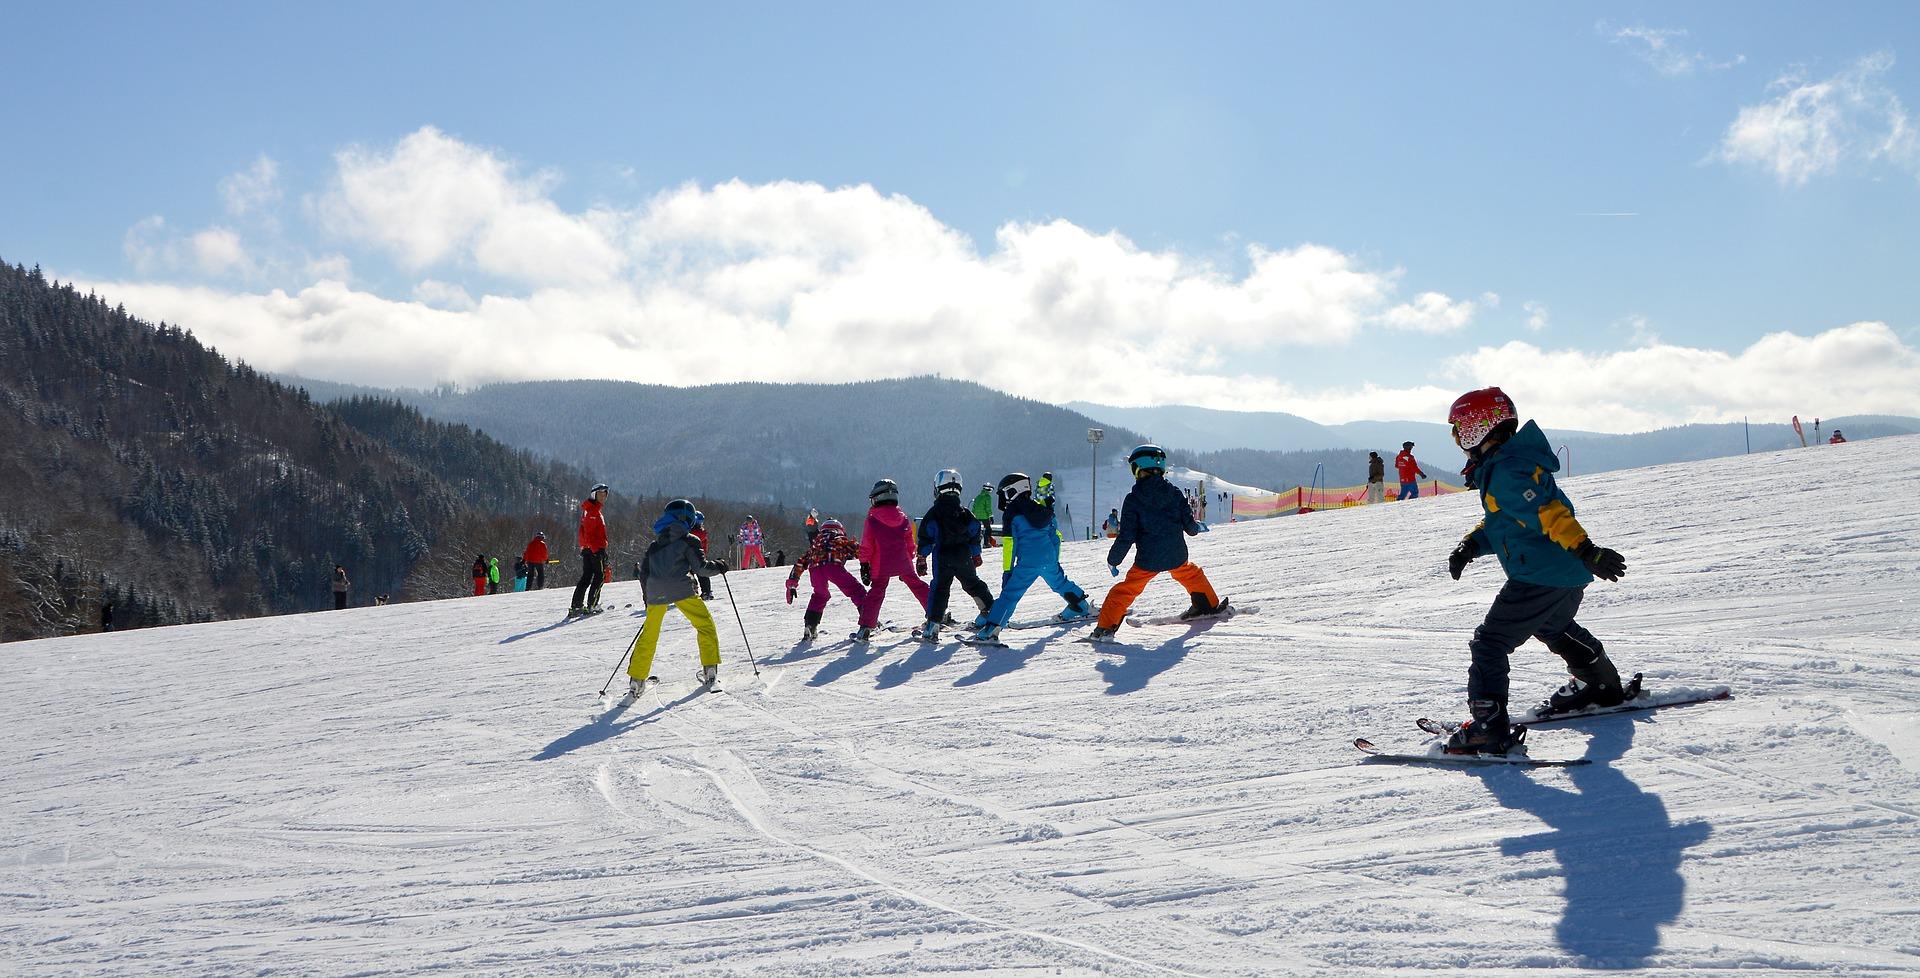 Vacances ski en famille Stations de ski familiales   Abritel